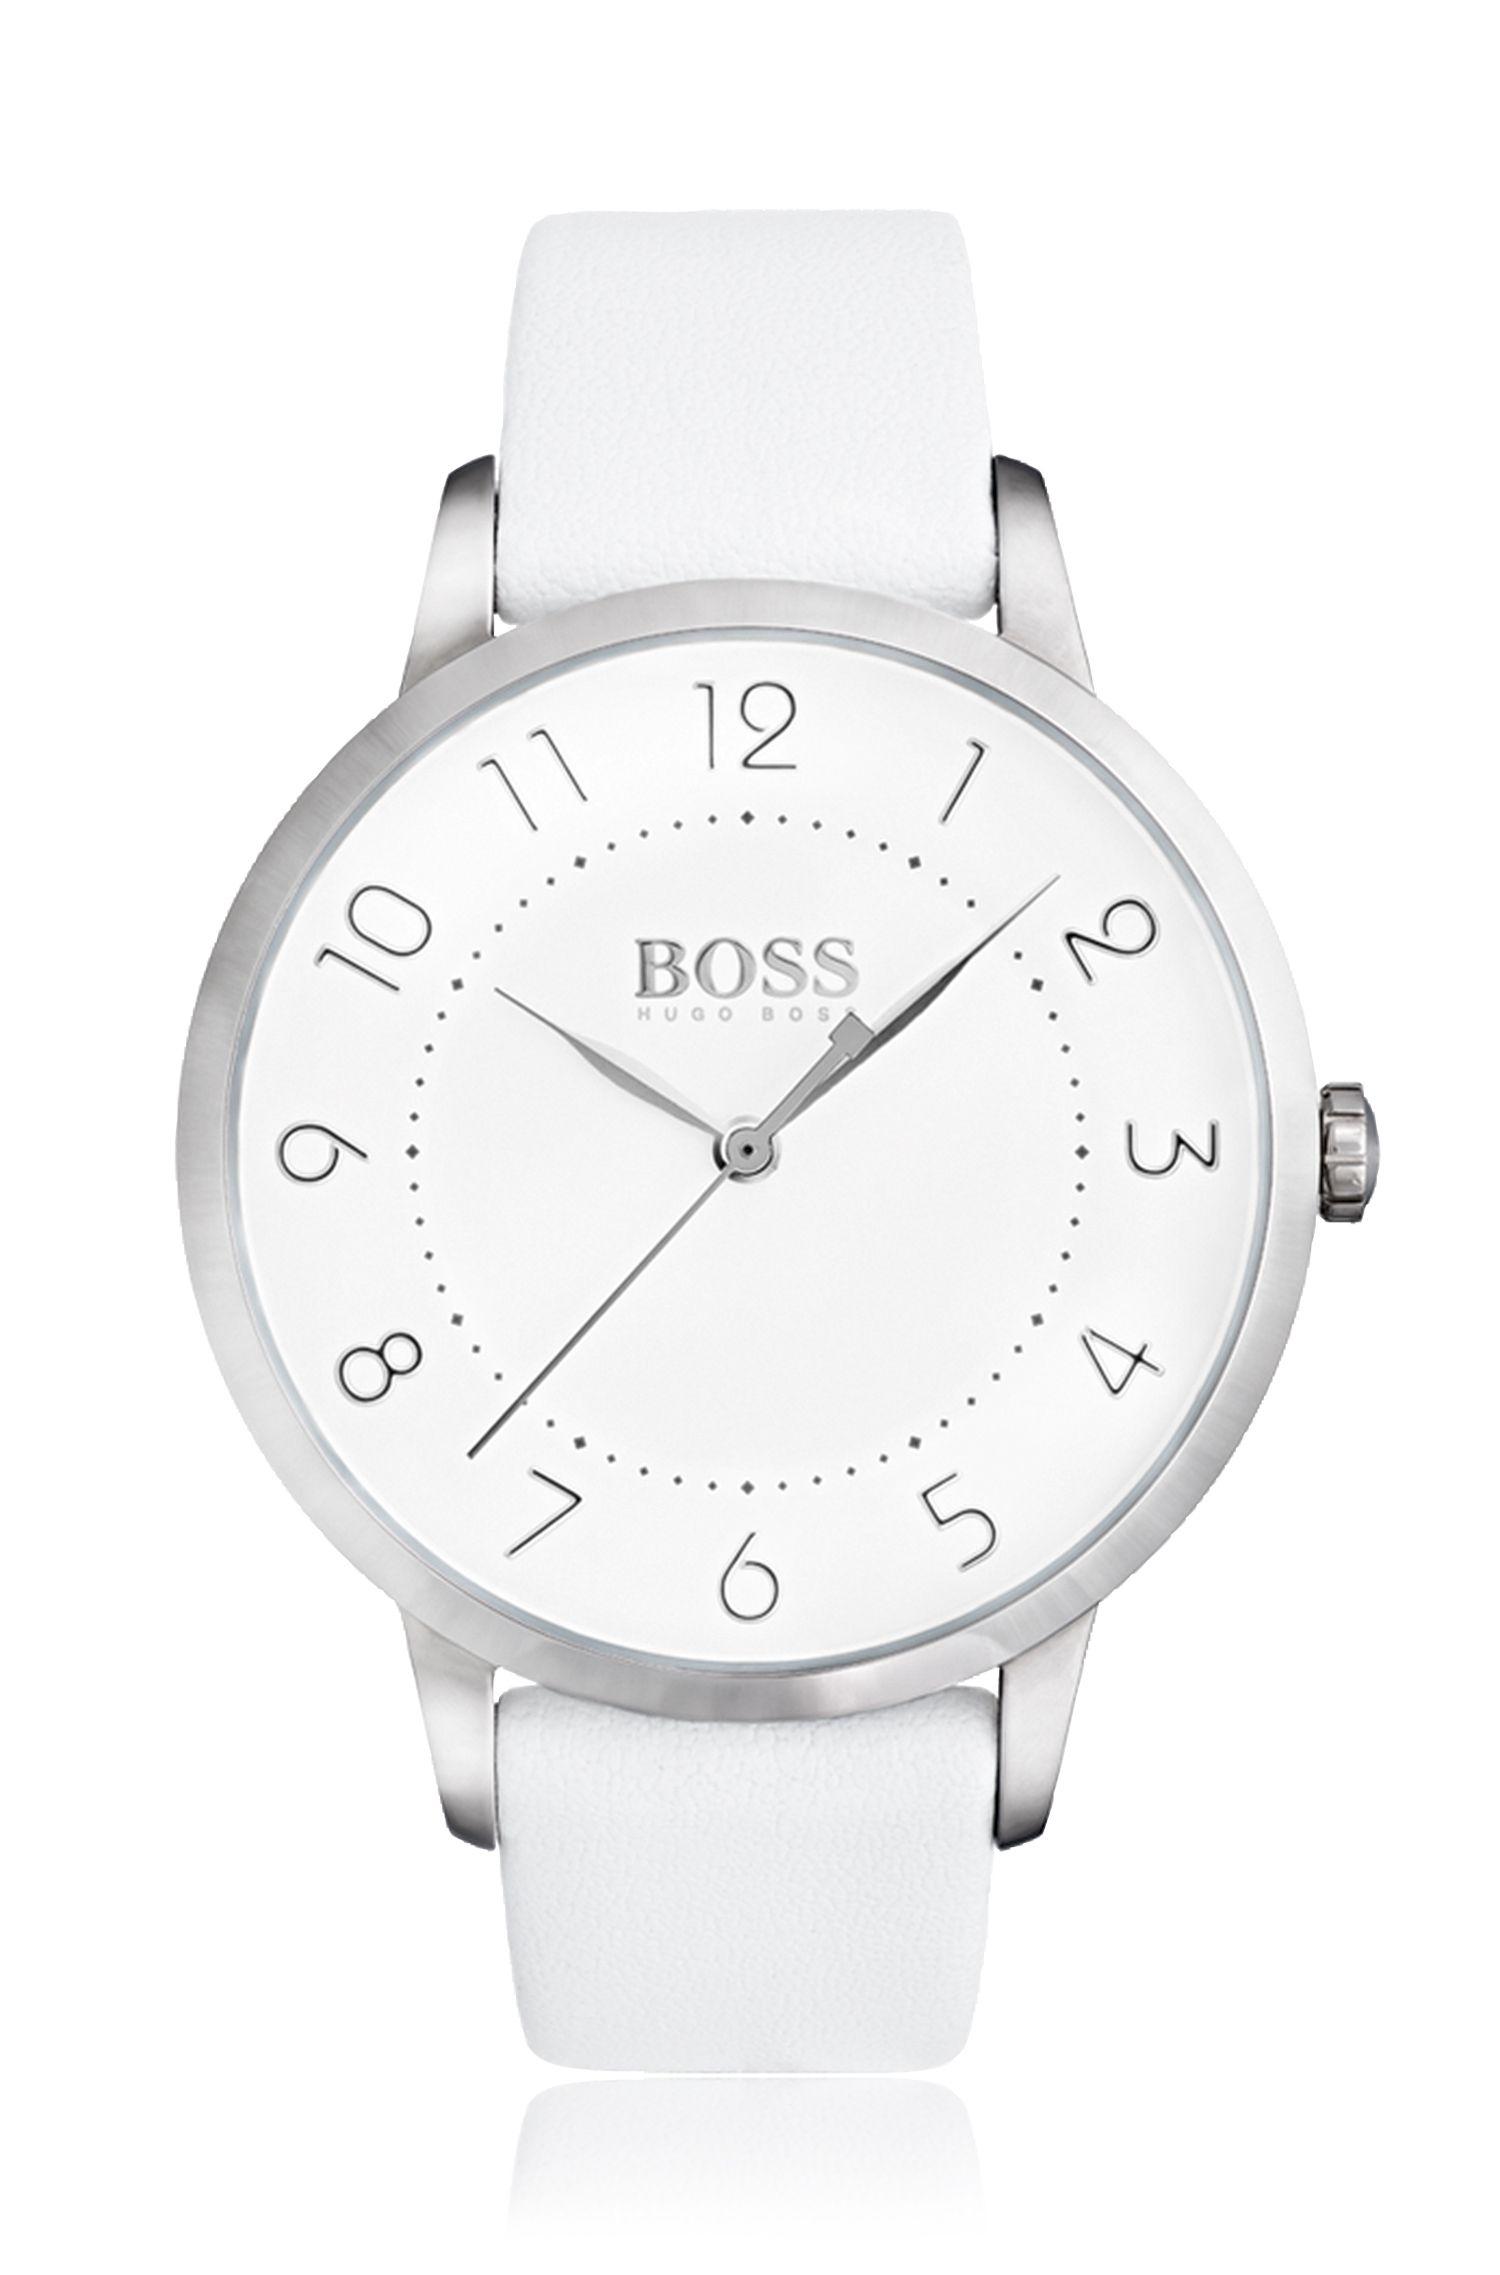 Uhr aus poliertem Edelstahl mit drei Zeigern